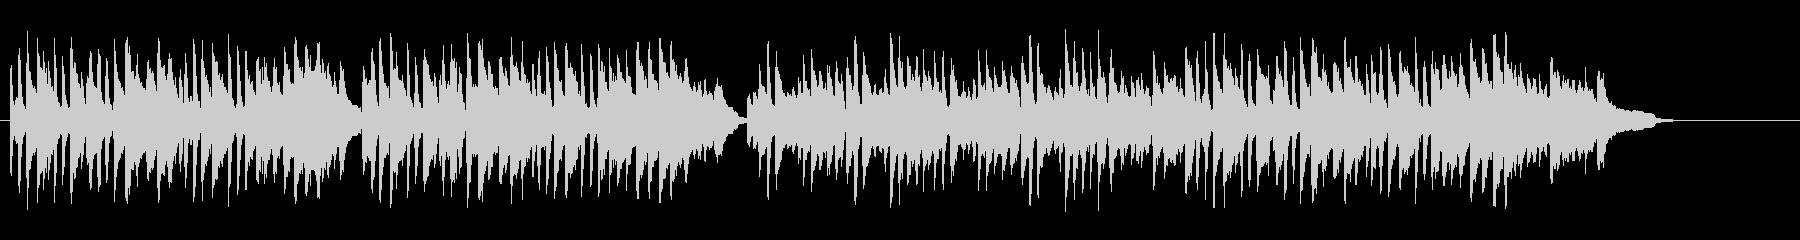 清涼感溢れるBG/ピアノソロの未再生の波形